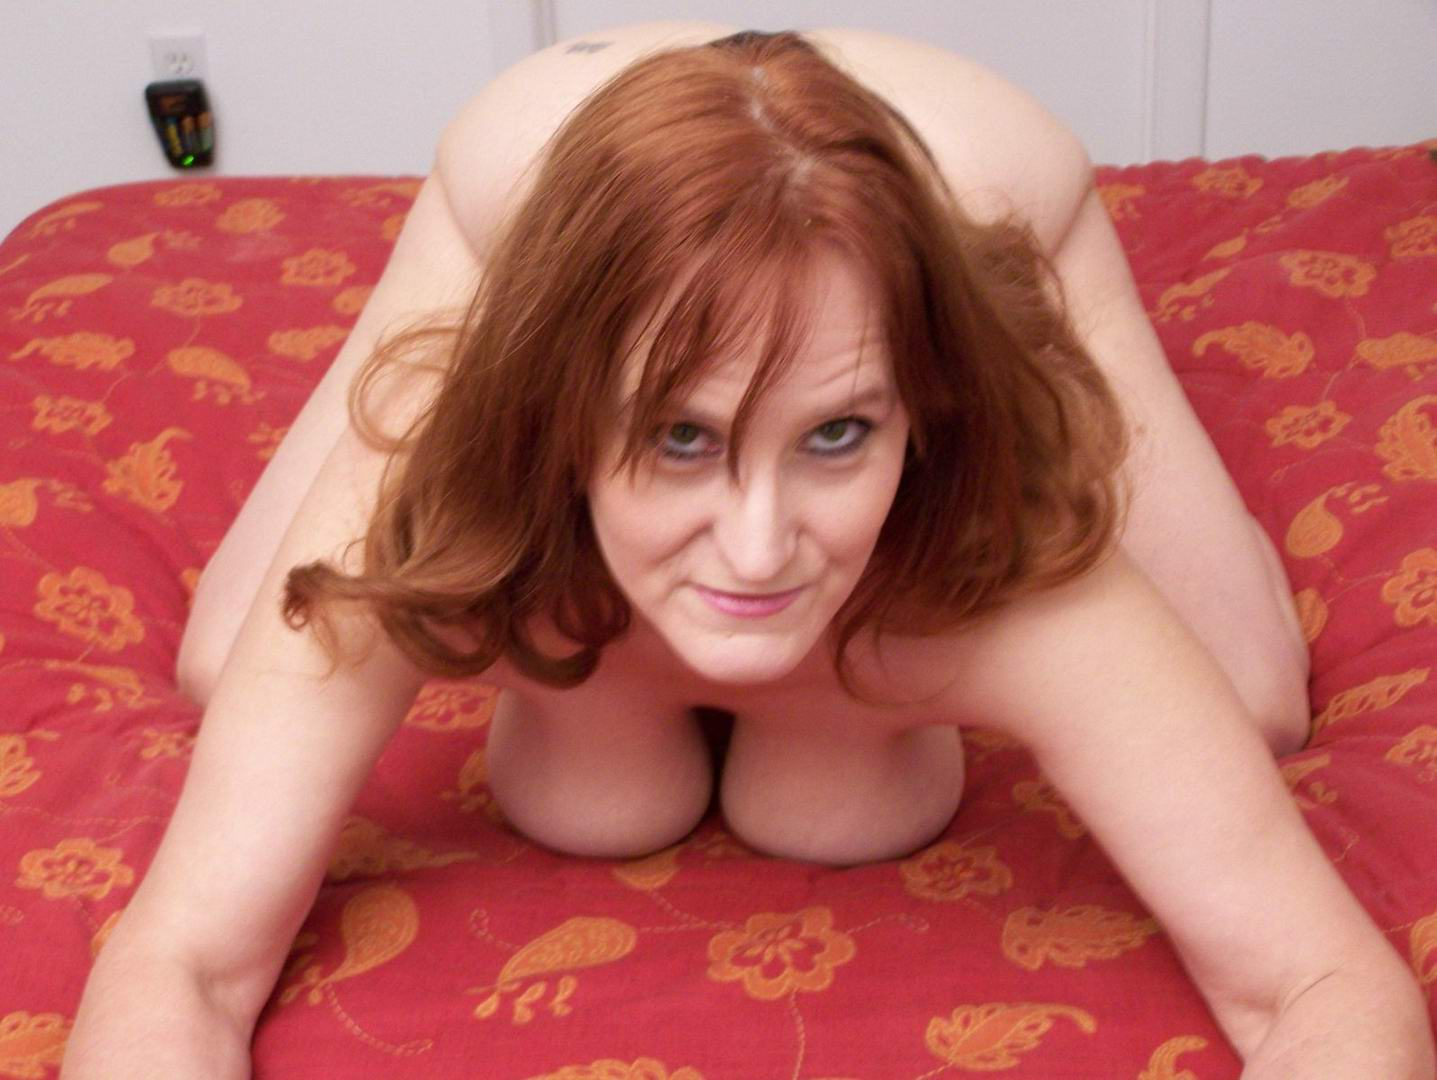 rijpe vrouwen sexdating escort baan